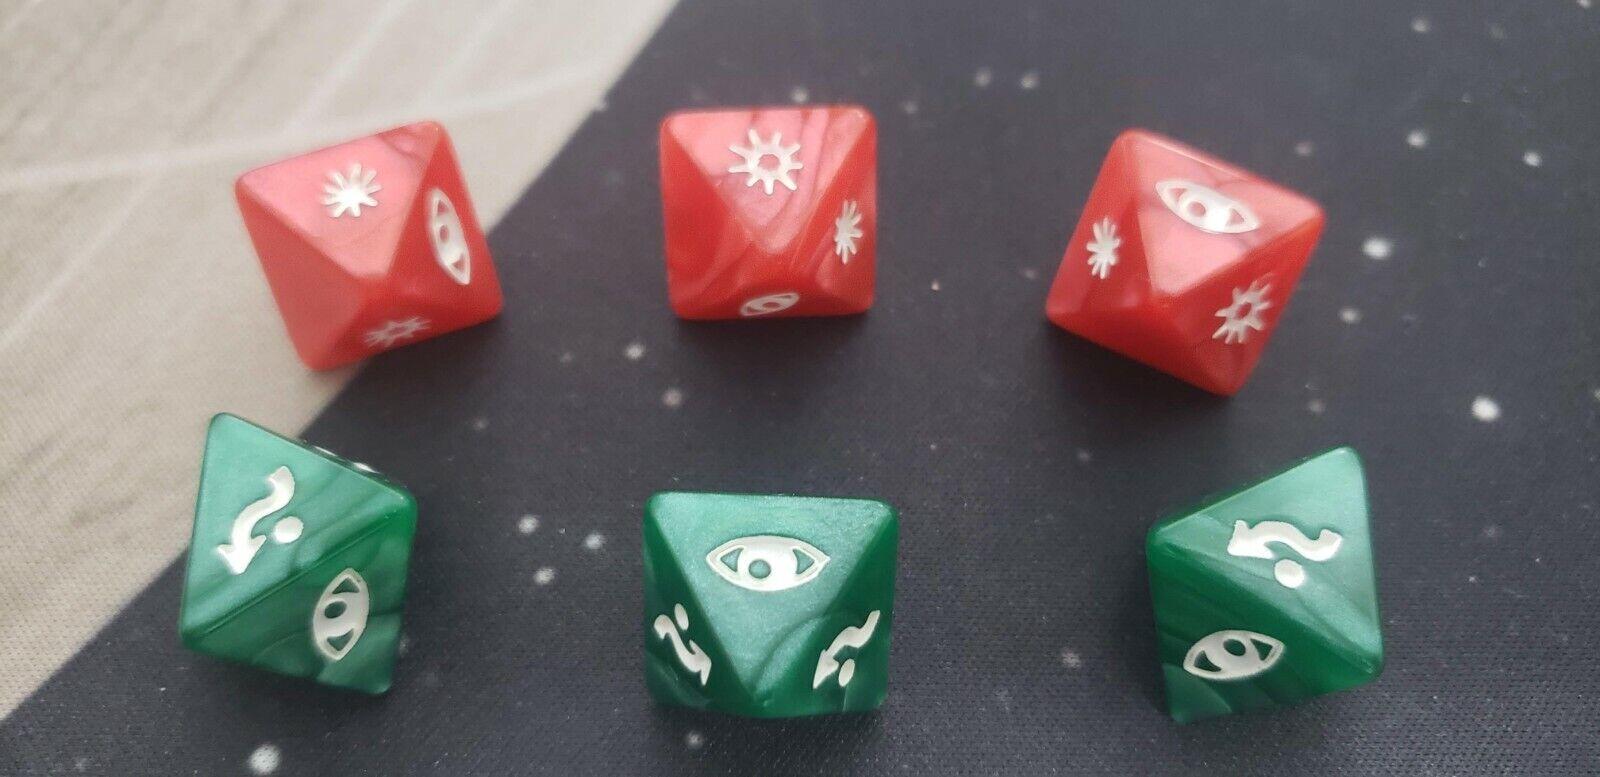 X-Wing Miniaturas campeonato regional de Estrella Wars dice Conjunto de 6  3x Rojo 3x verde